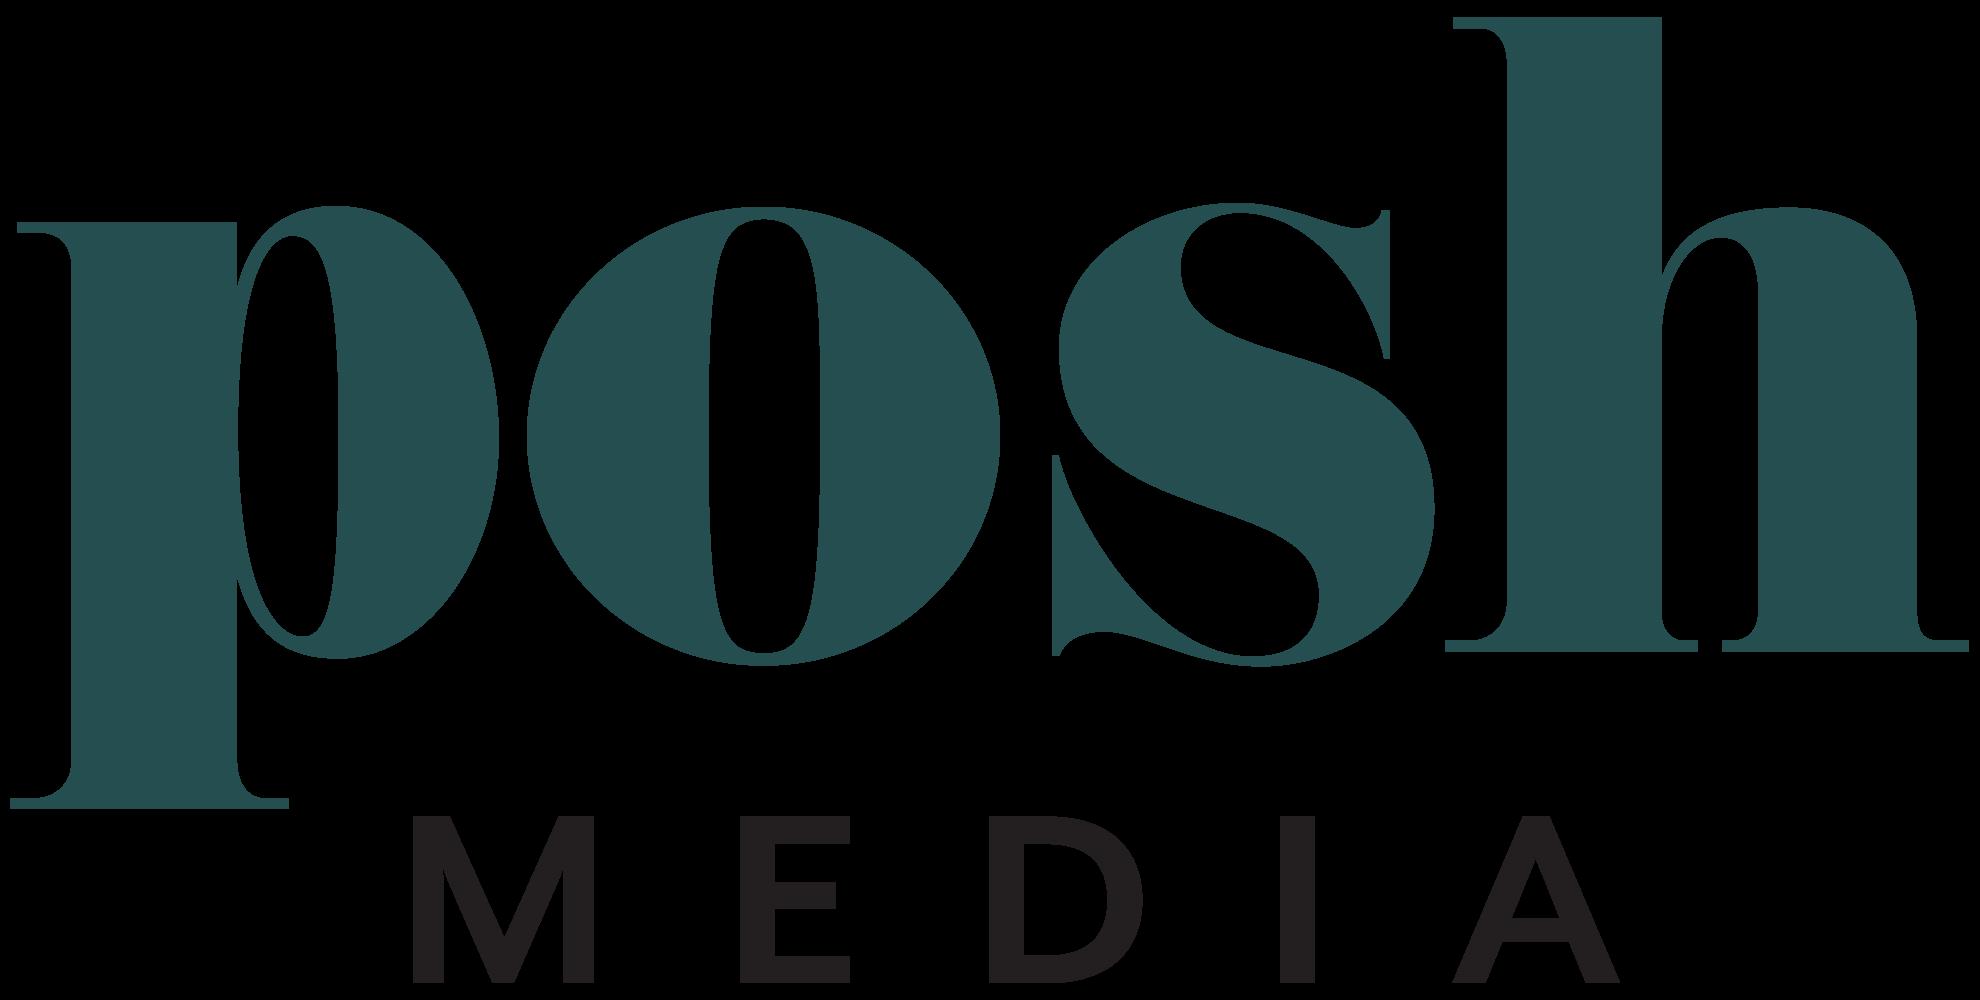 Green posh media logo